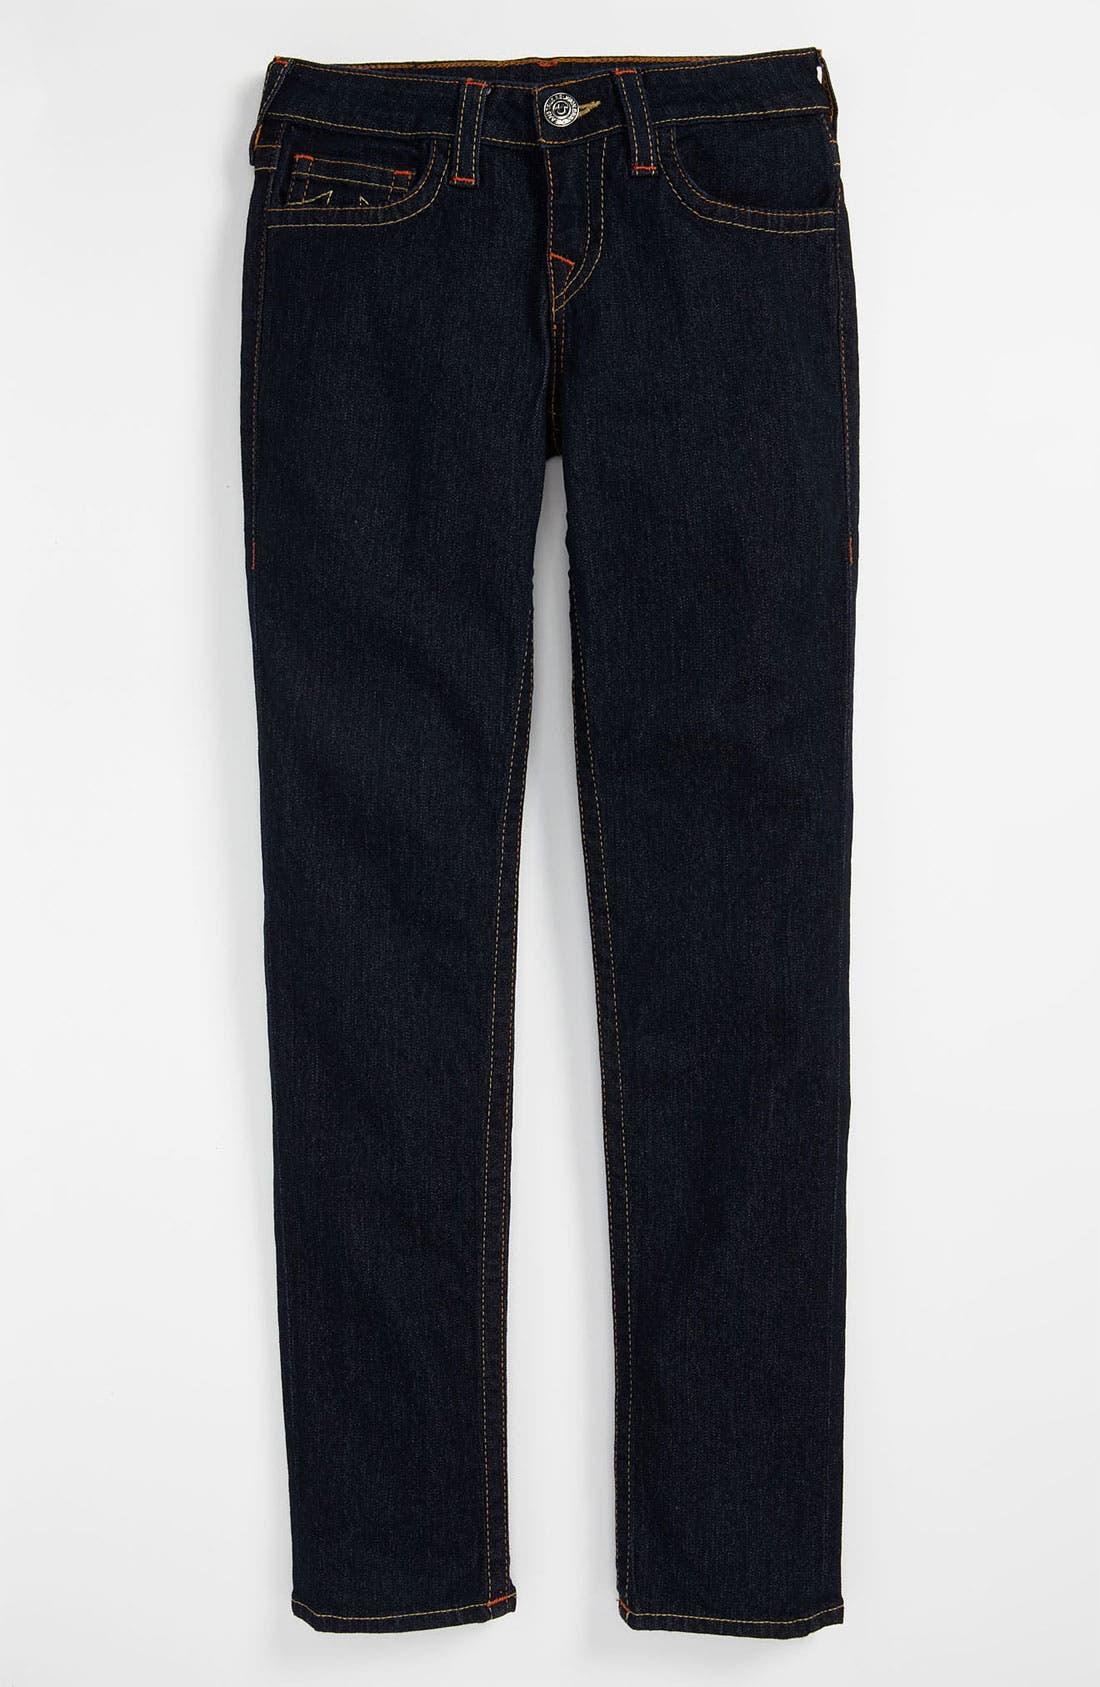 Alternate Image 2  - True Religion Brand Jeans 'Casey' Denim Leggings (Big Girls)